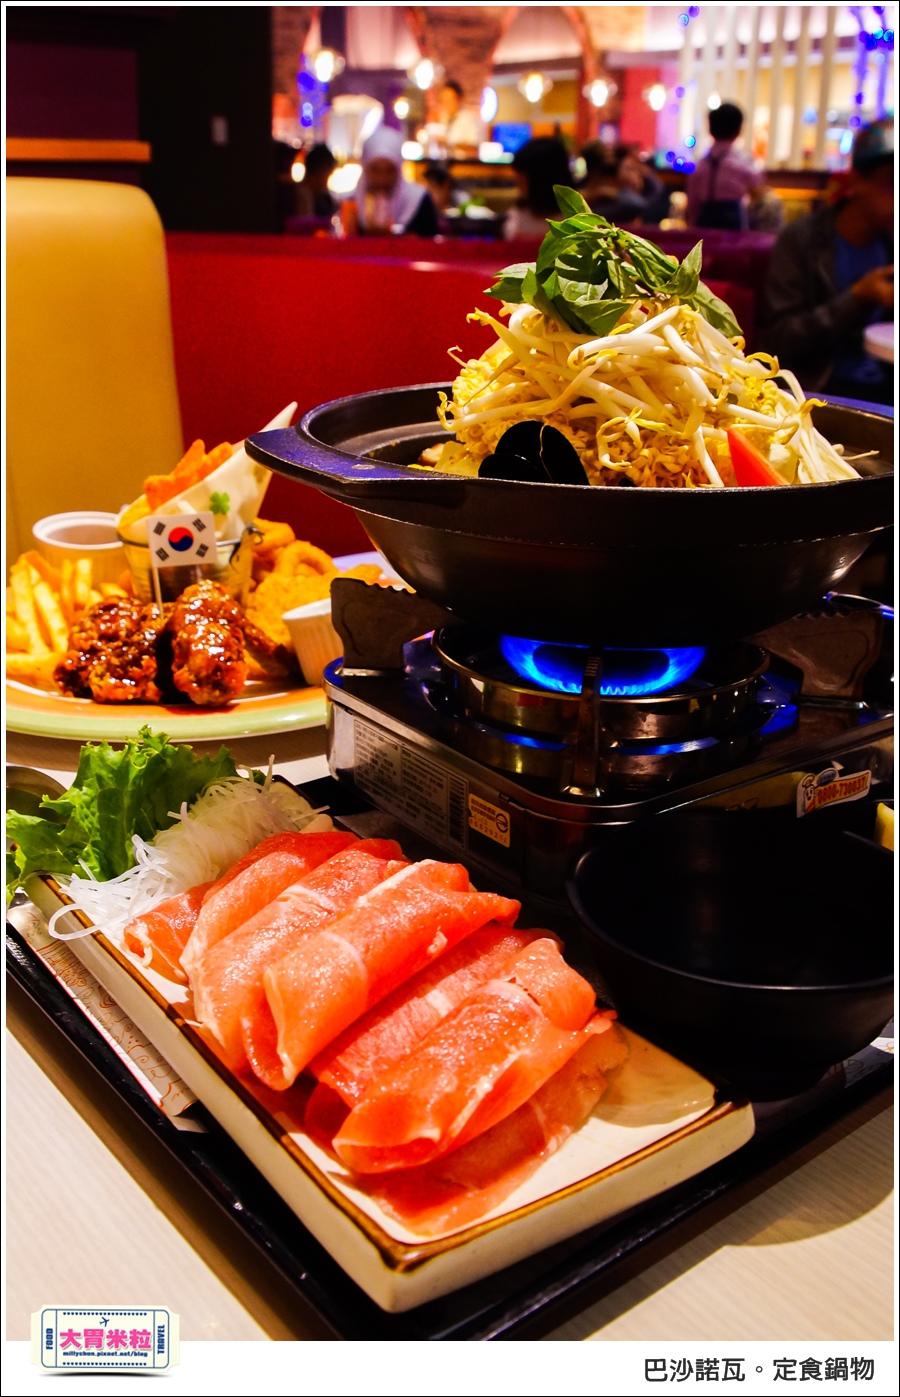 高雄巴沙諾瓦定食鍋物@高雄簡餐推薦@大胃米粒0025.jpg